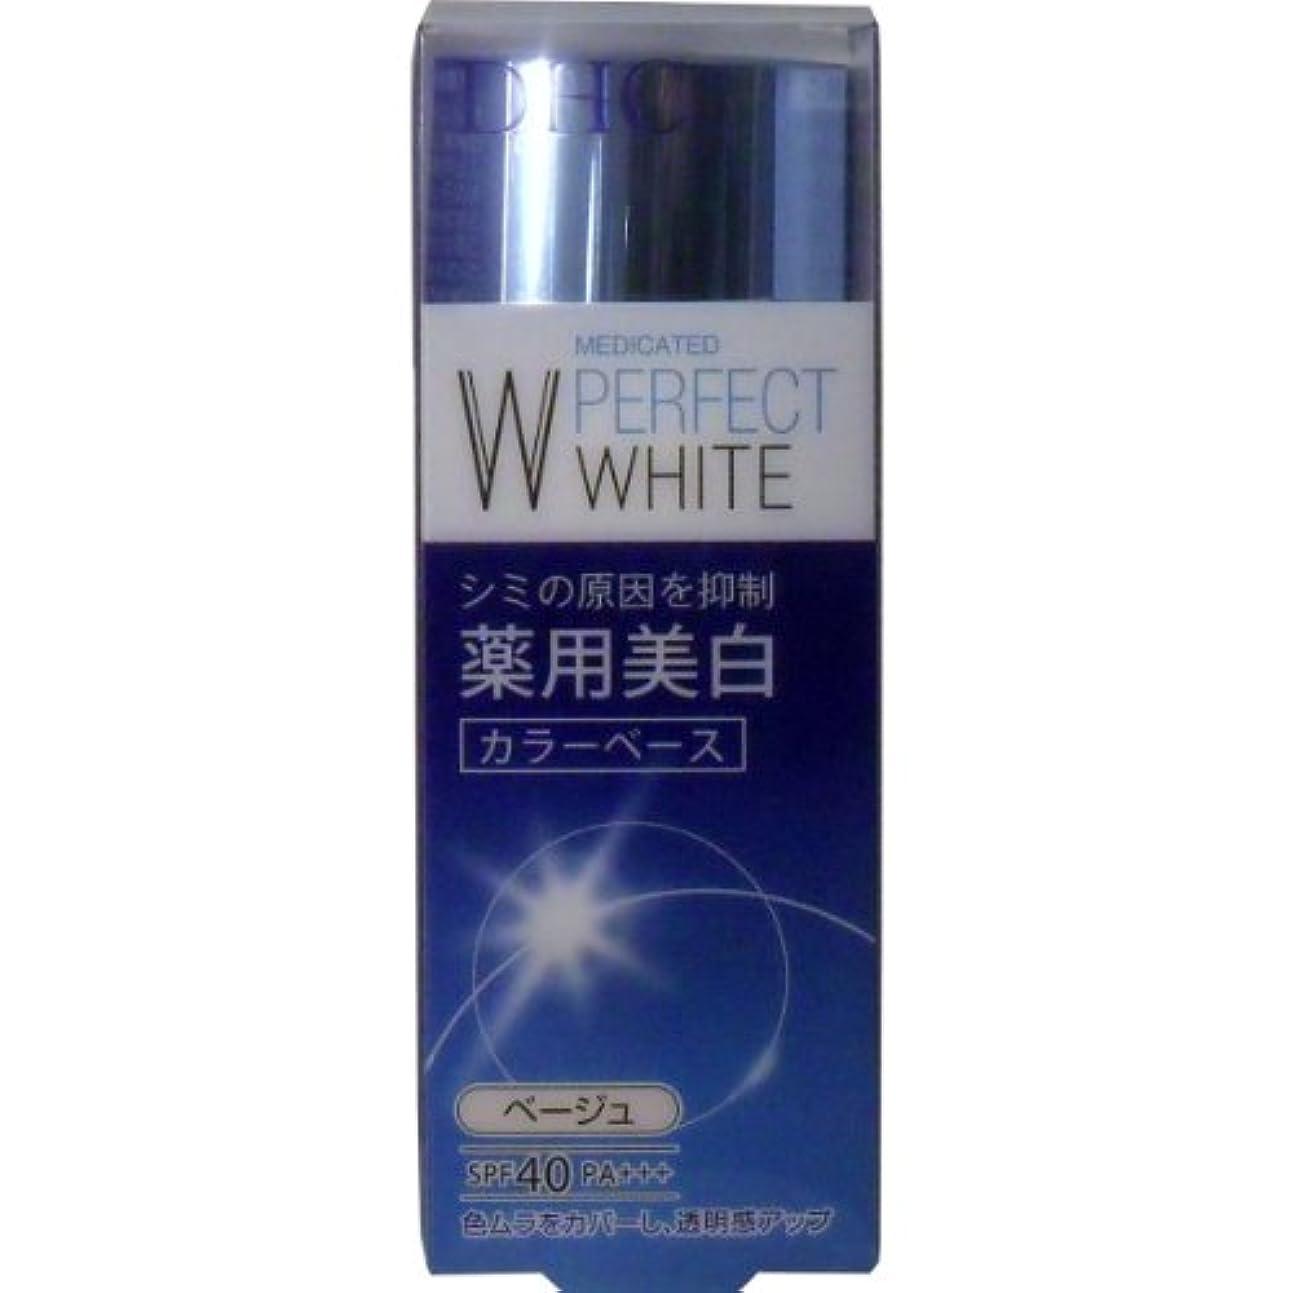 侵入する低い語DHC 薬用美白パーフェクトホワイト カラーベース ベージュ 30g (商品内訳:単品1個)